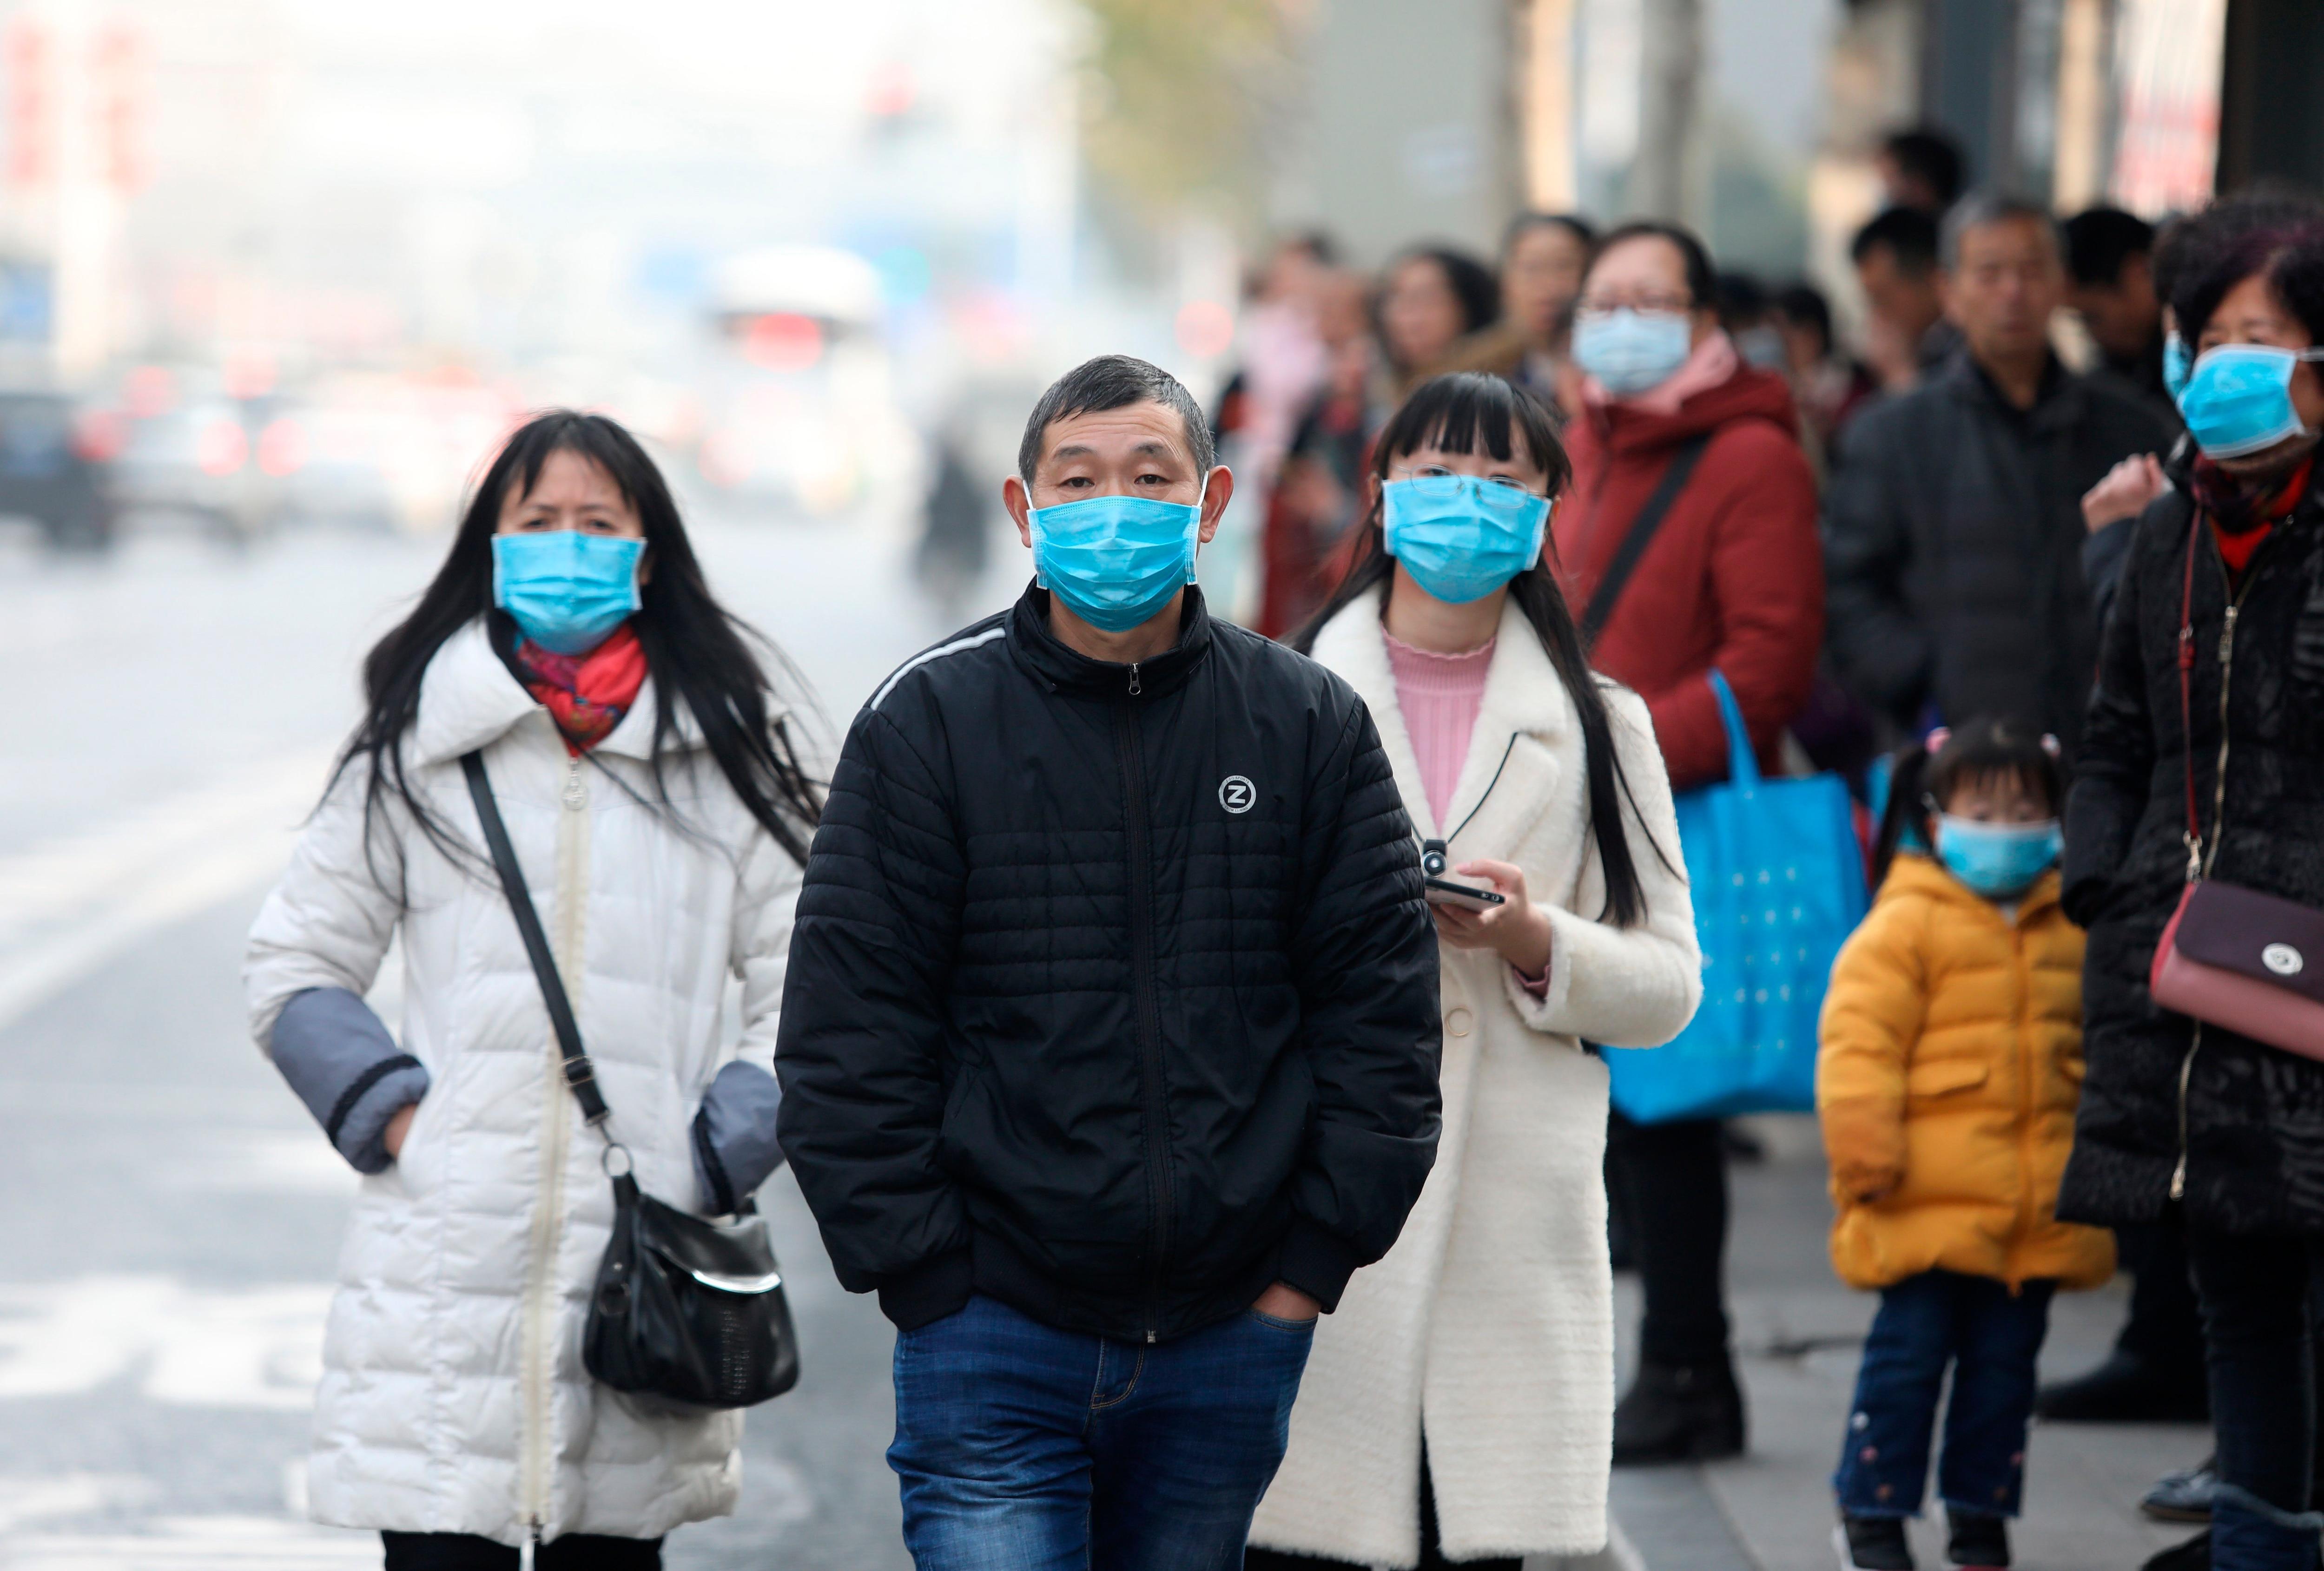 A fines de enero y principios de febrero de este año, 34 científicos de naciones como China, Japón, Estados Unidos y el Reino Unido se reunieron en Wuhan y evaluaron datos (EFE)